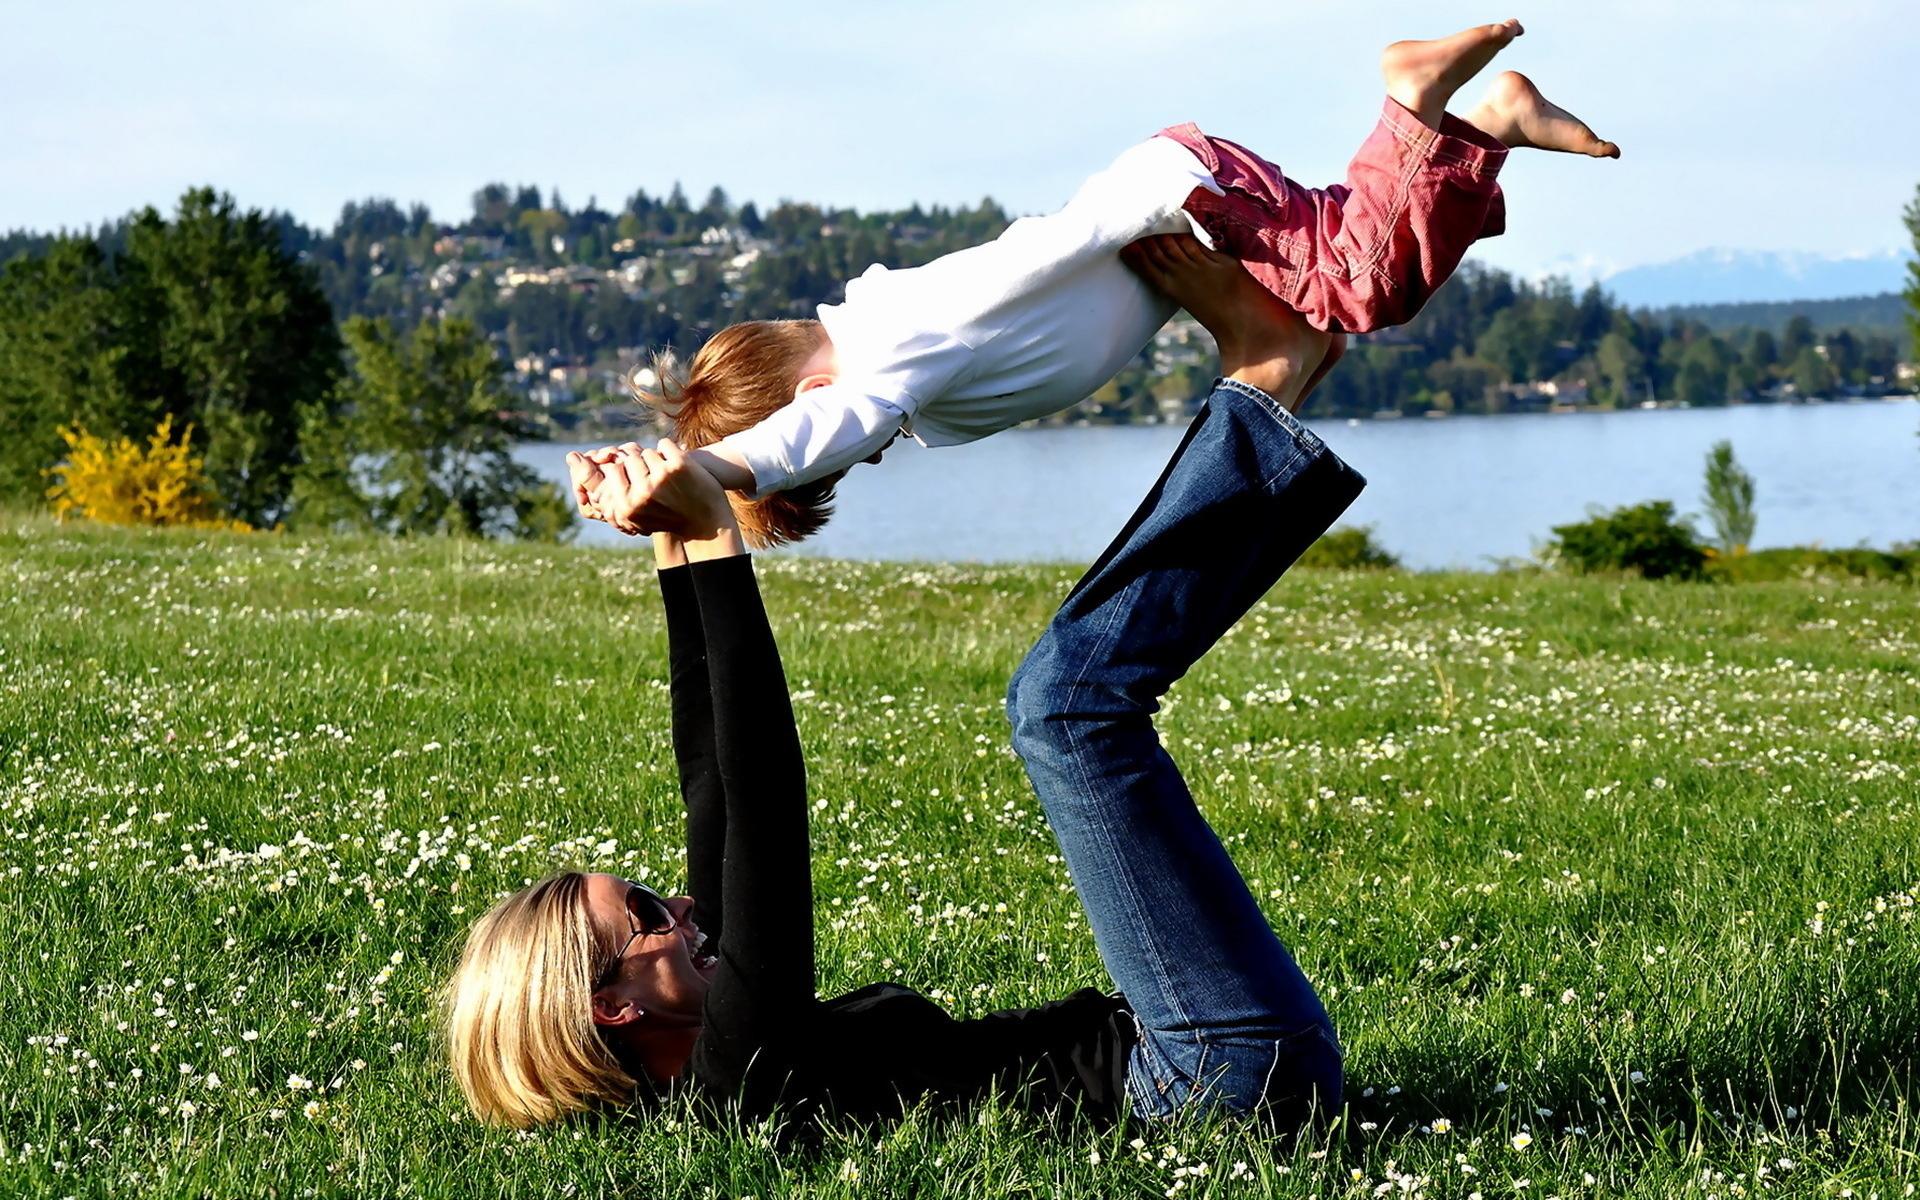 Сын с мамой играют в бутылочку 16 фотография